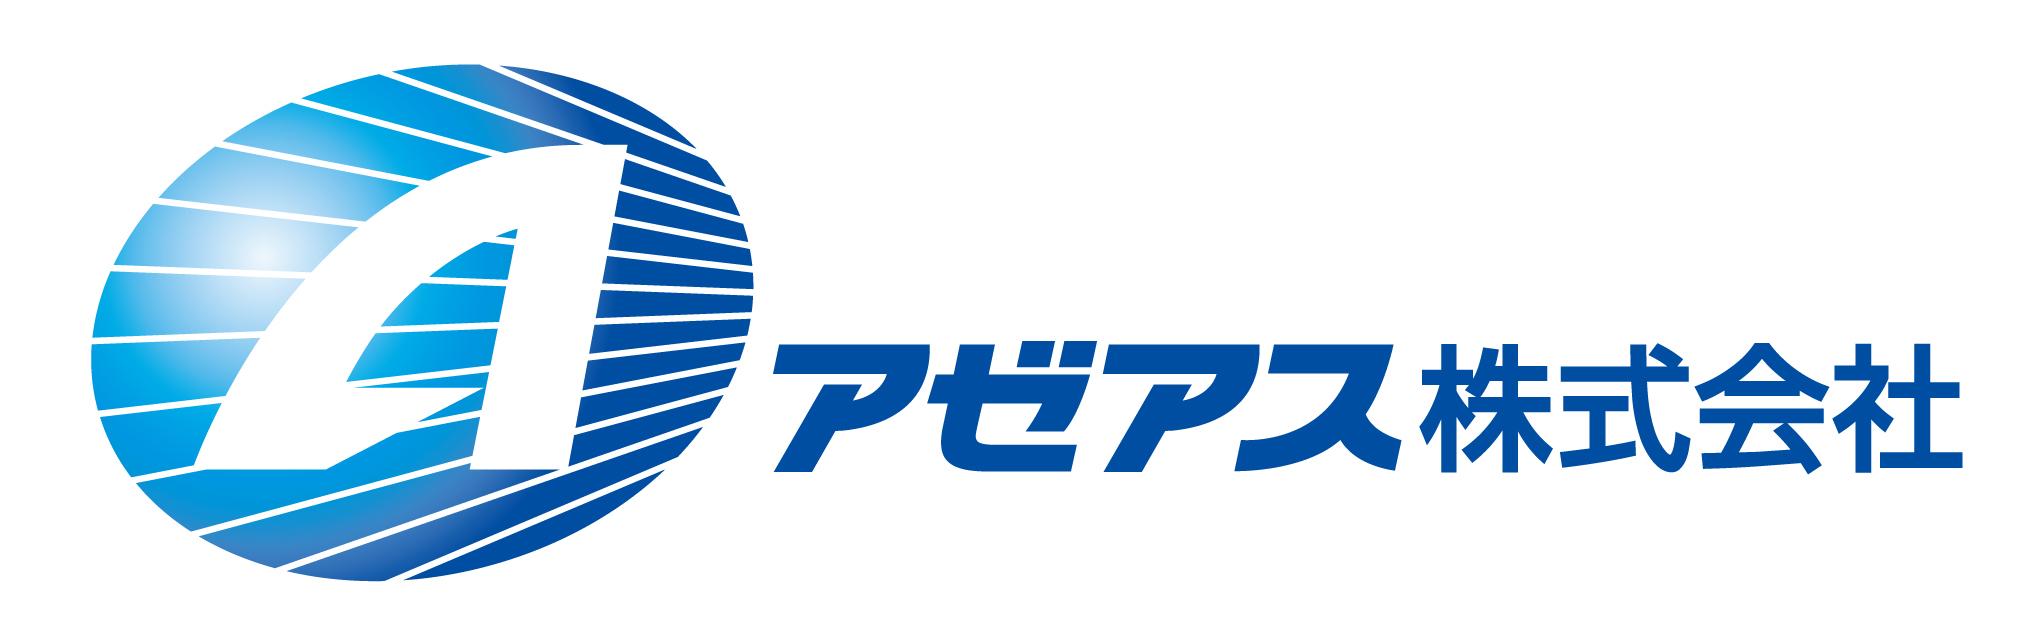 アゼアス株式会社